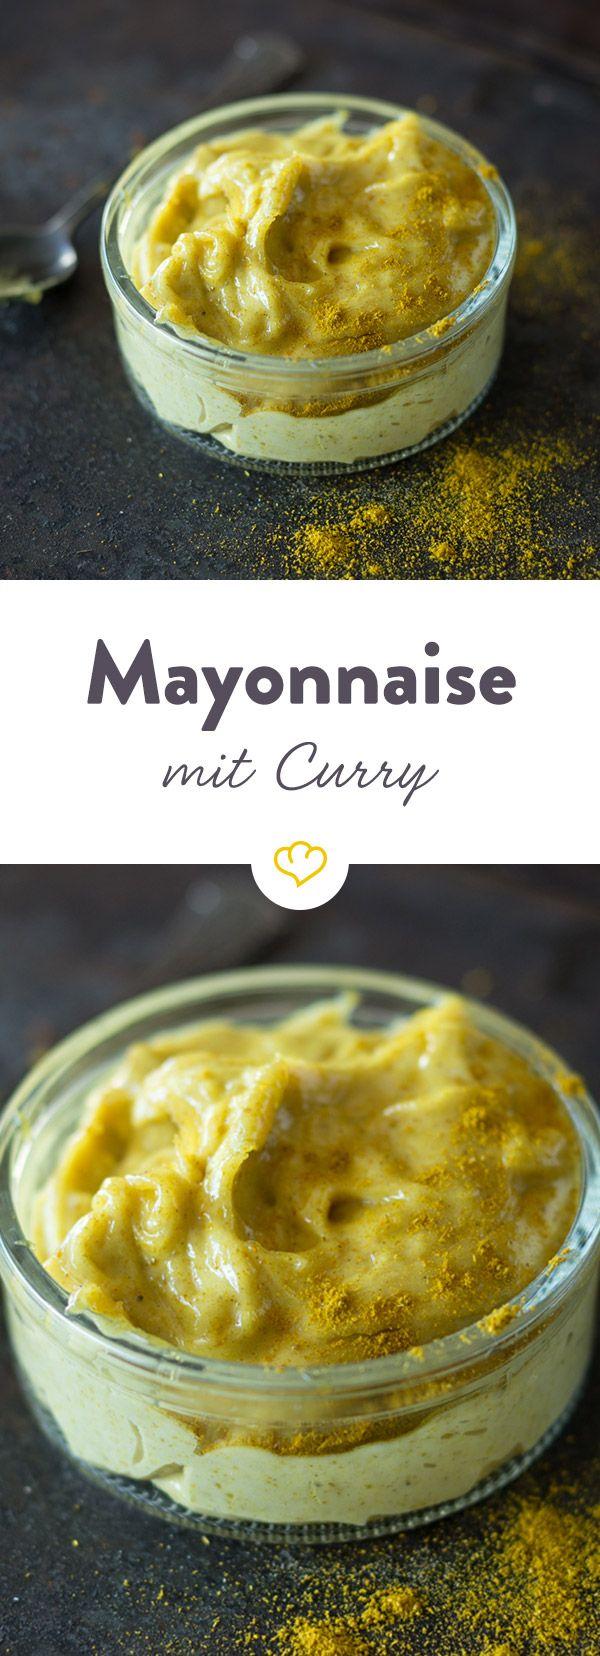 Goldgelb gefärbt bringt die selbstgemachte Curry-Mayo Farbe und ein wenig exotische Schärfe auf die Teller. Gleich ausprobieren.